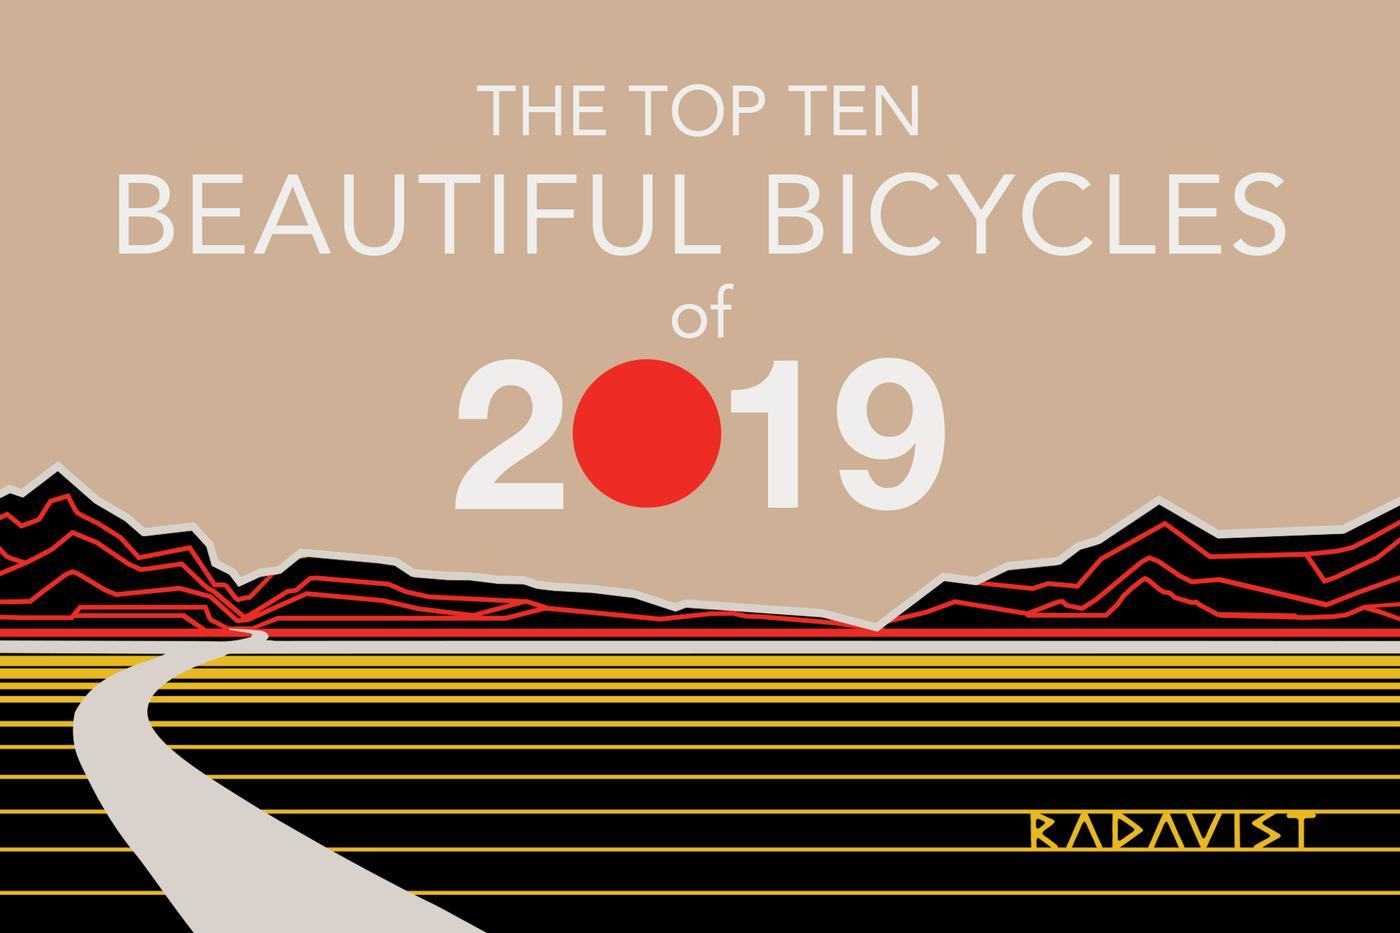 The Radavist's Top Ten Beautiful Bicycles of 2019